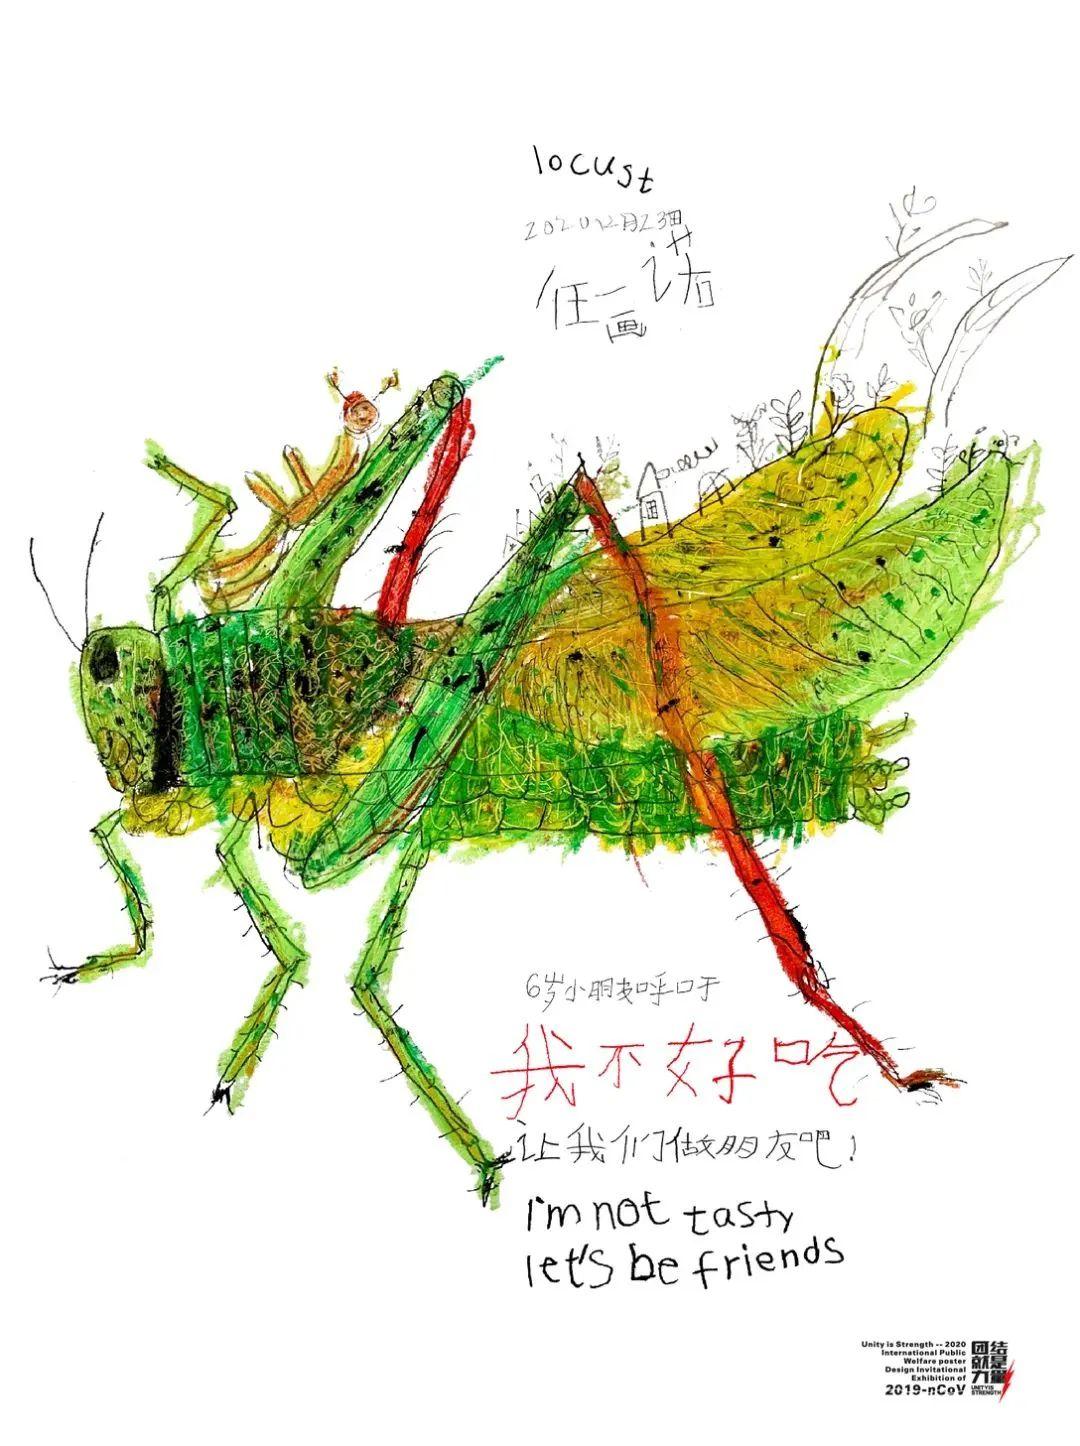 6岁蒙古族小设计师用插画拯救野生动物,为抗疫助力! 第38张